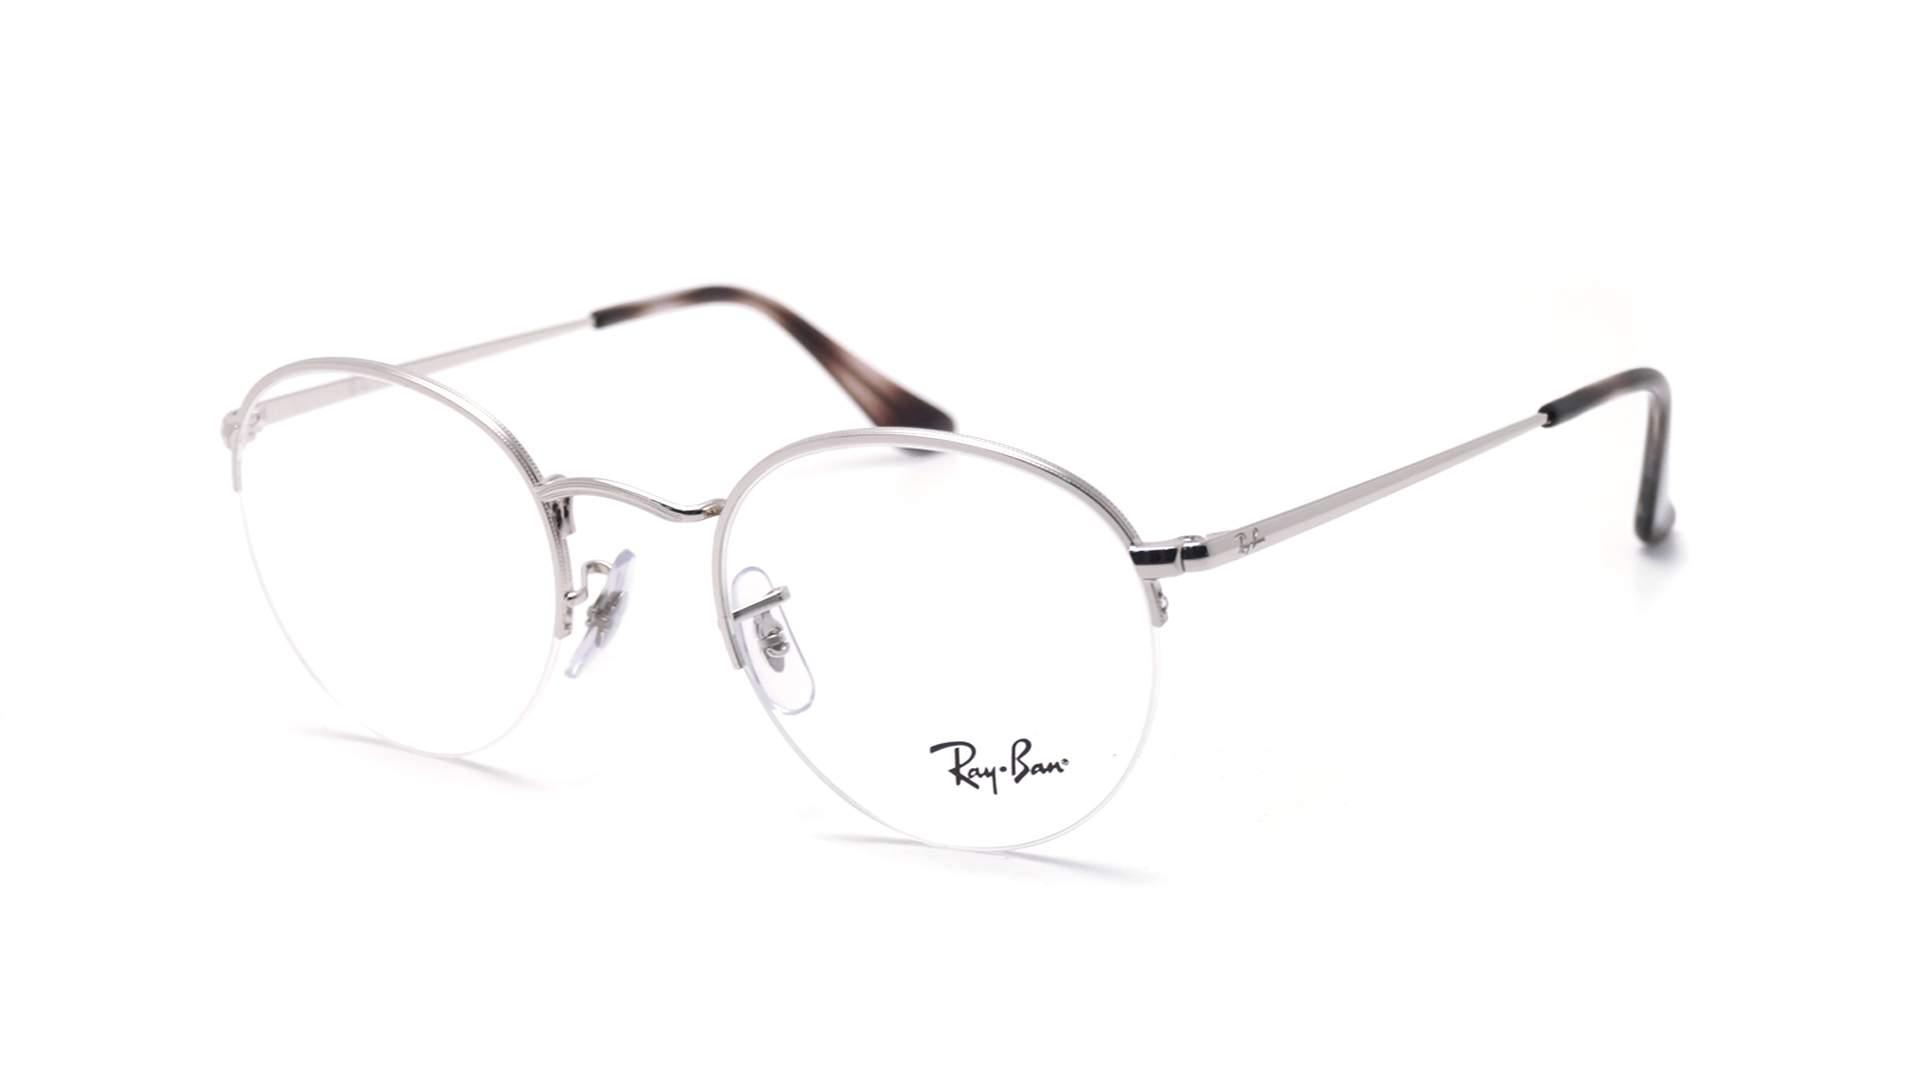 752735f1407 Eyeglasses Ray-Ban Gaze Silver RX3947 RB3947V 2501 48-22 Small